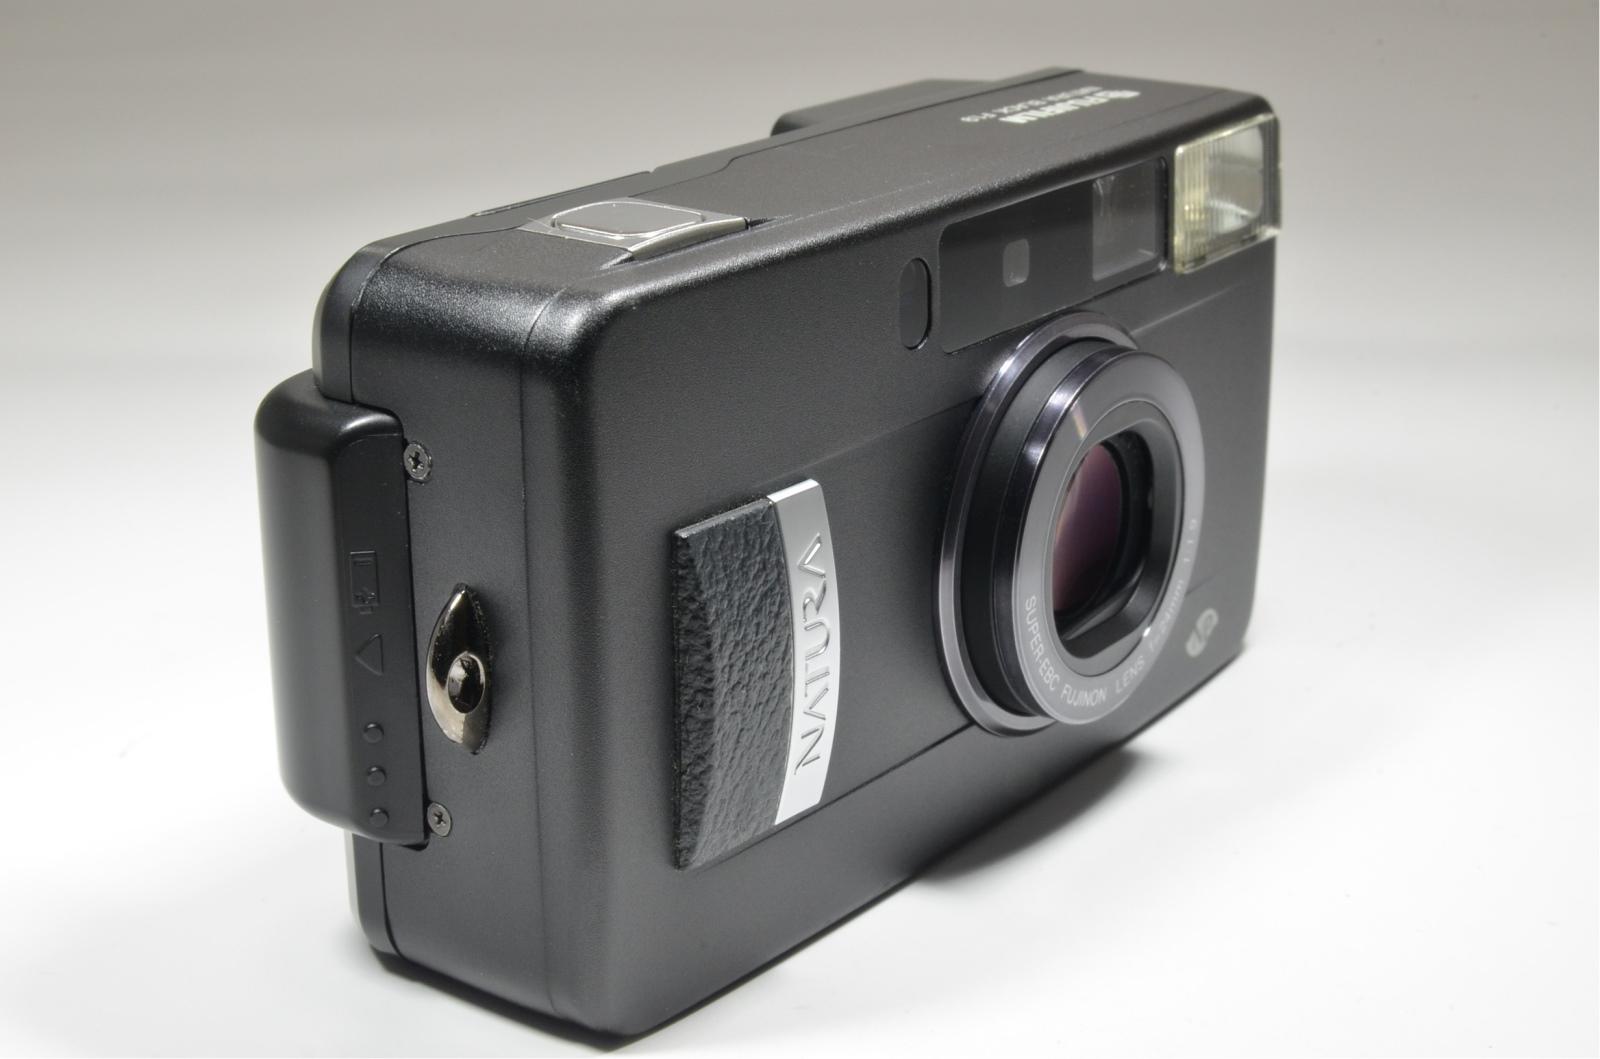 fujifilm nature black 24mm f1.9 35mmm film camera from japan